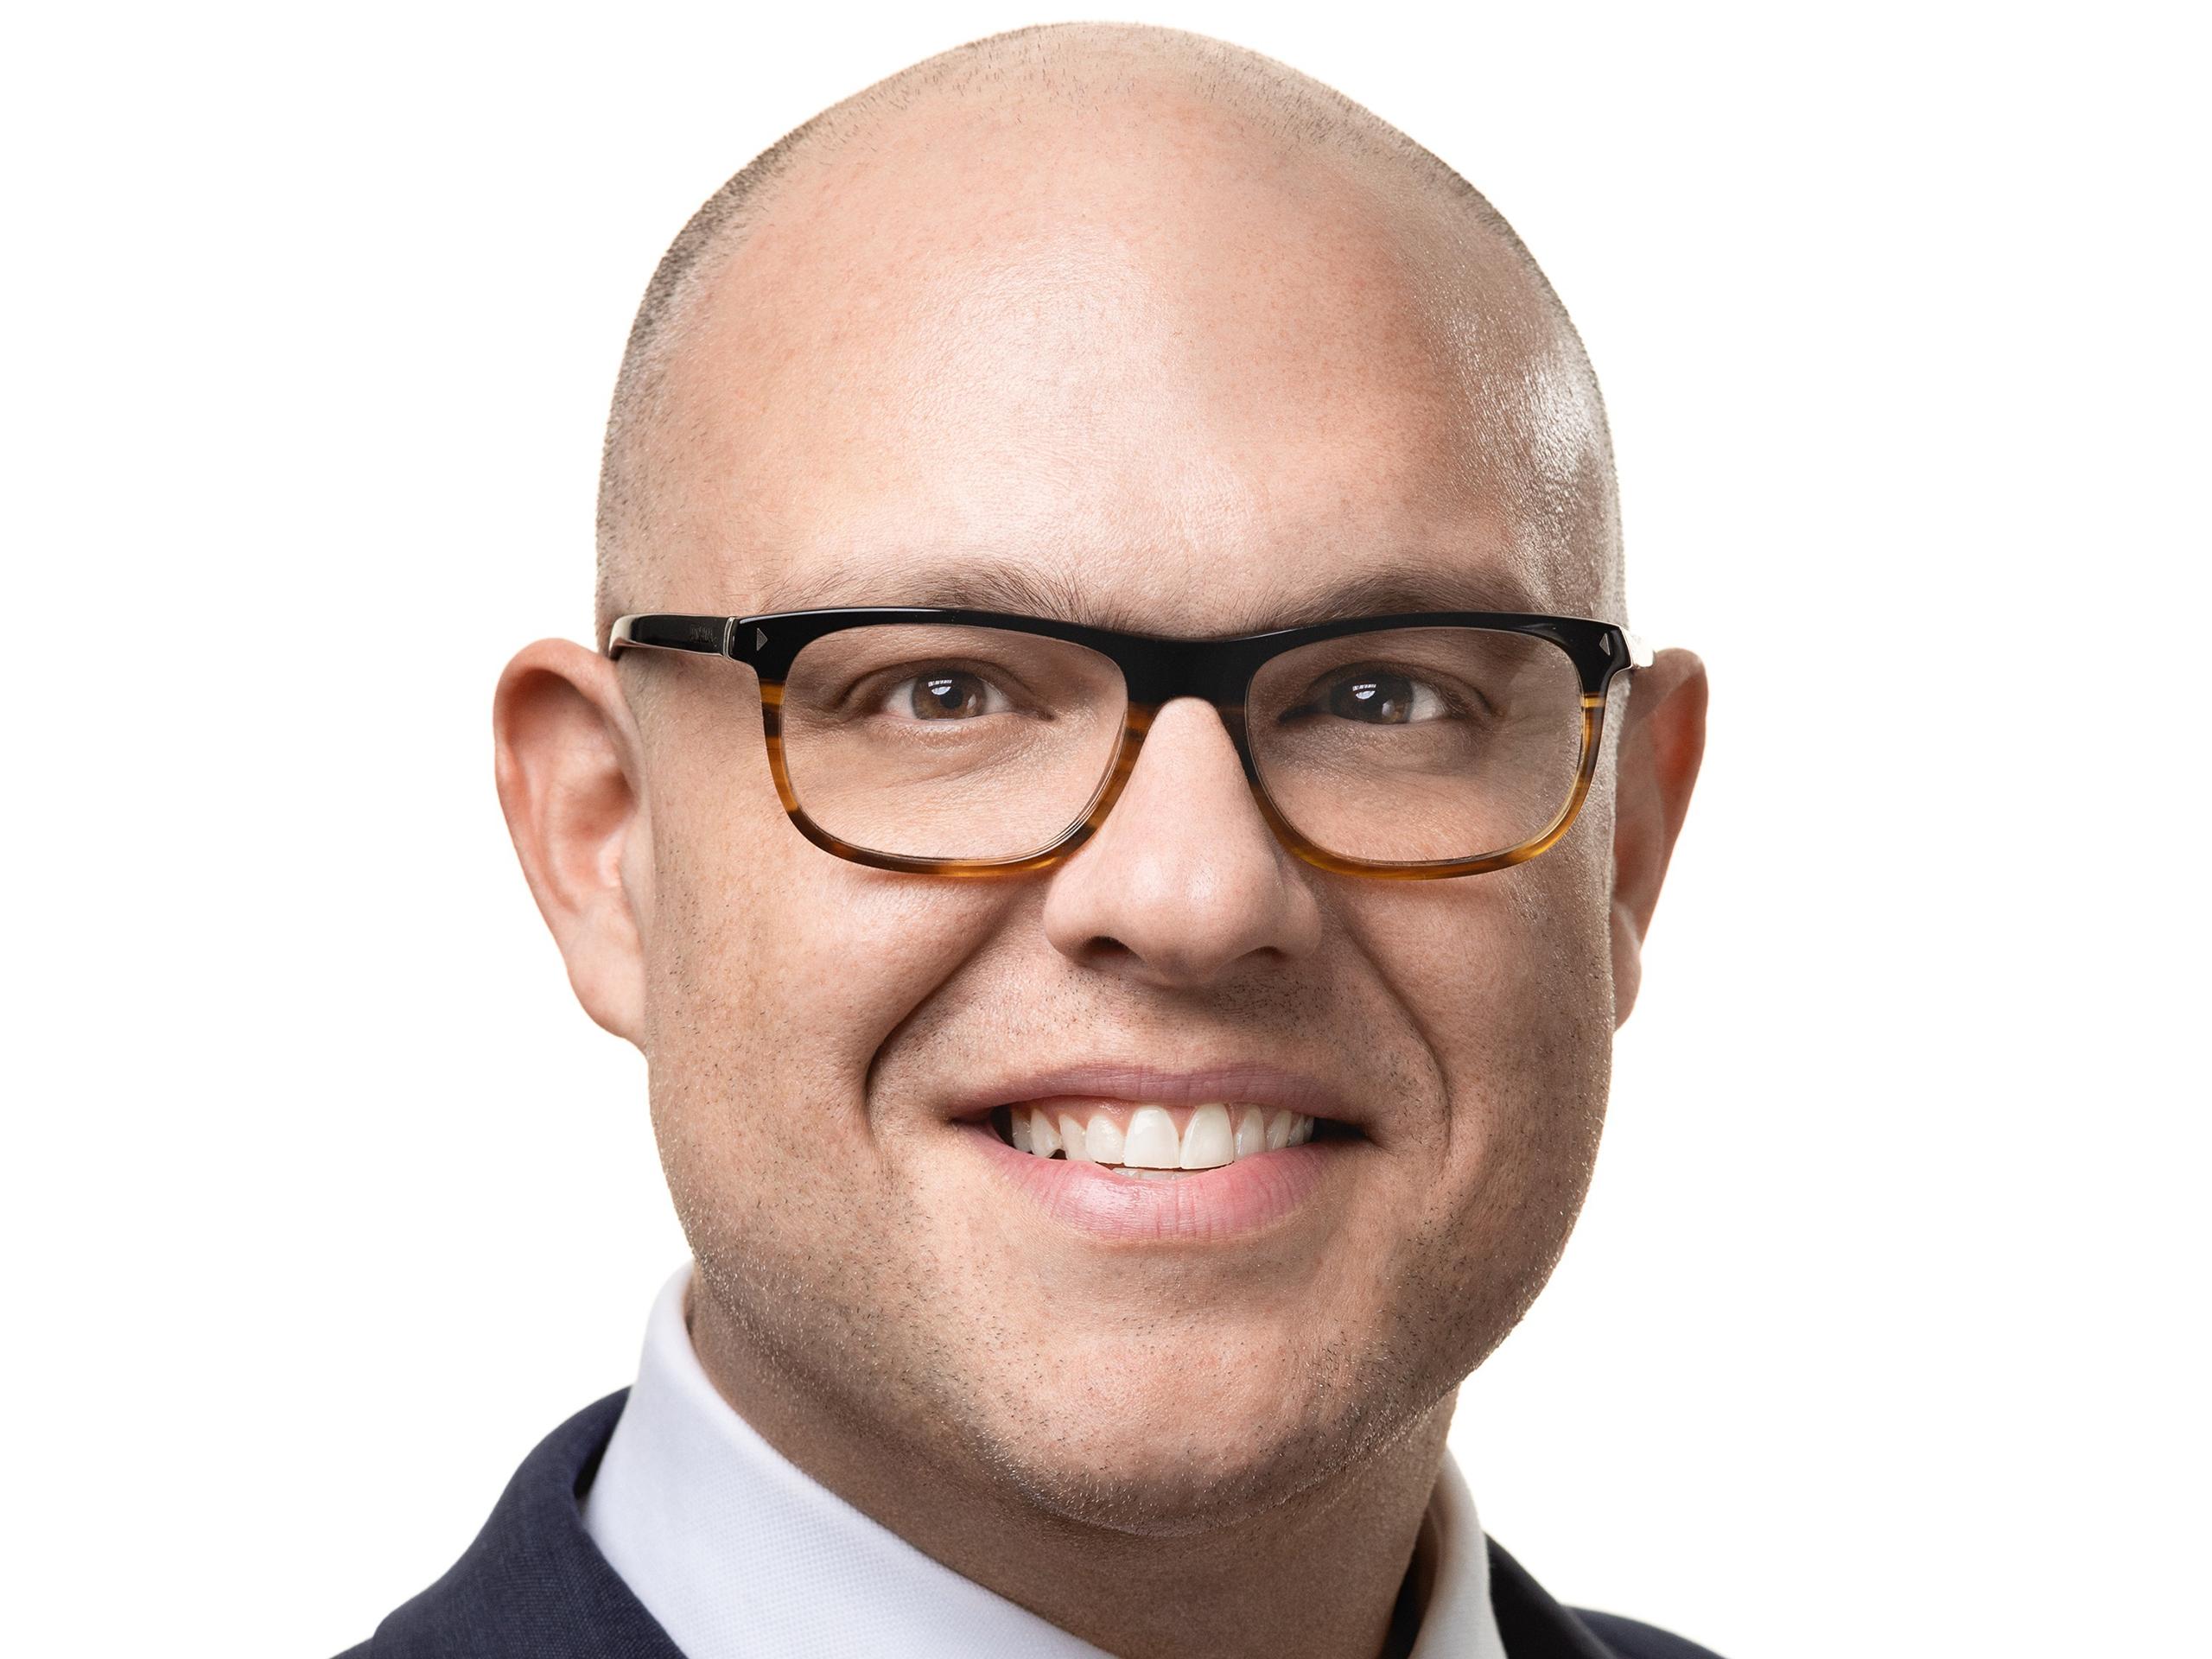 Justin Brannan